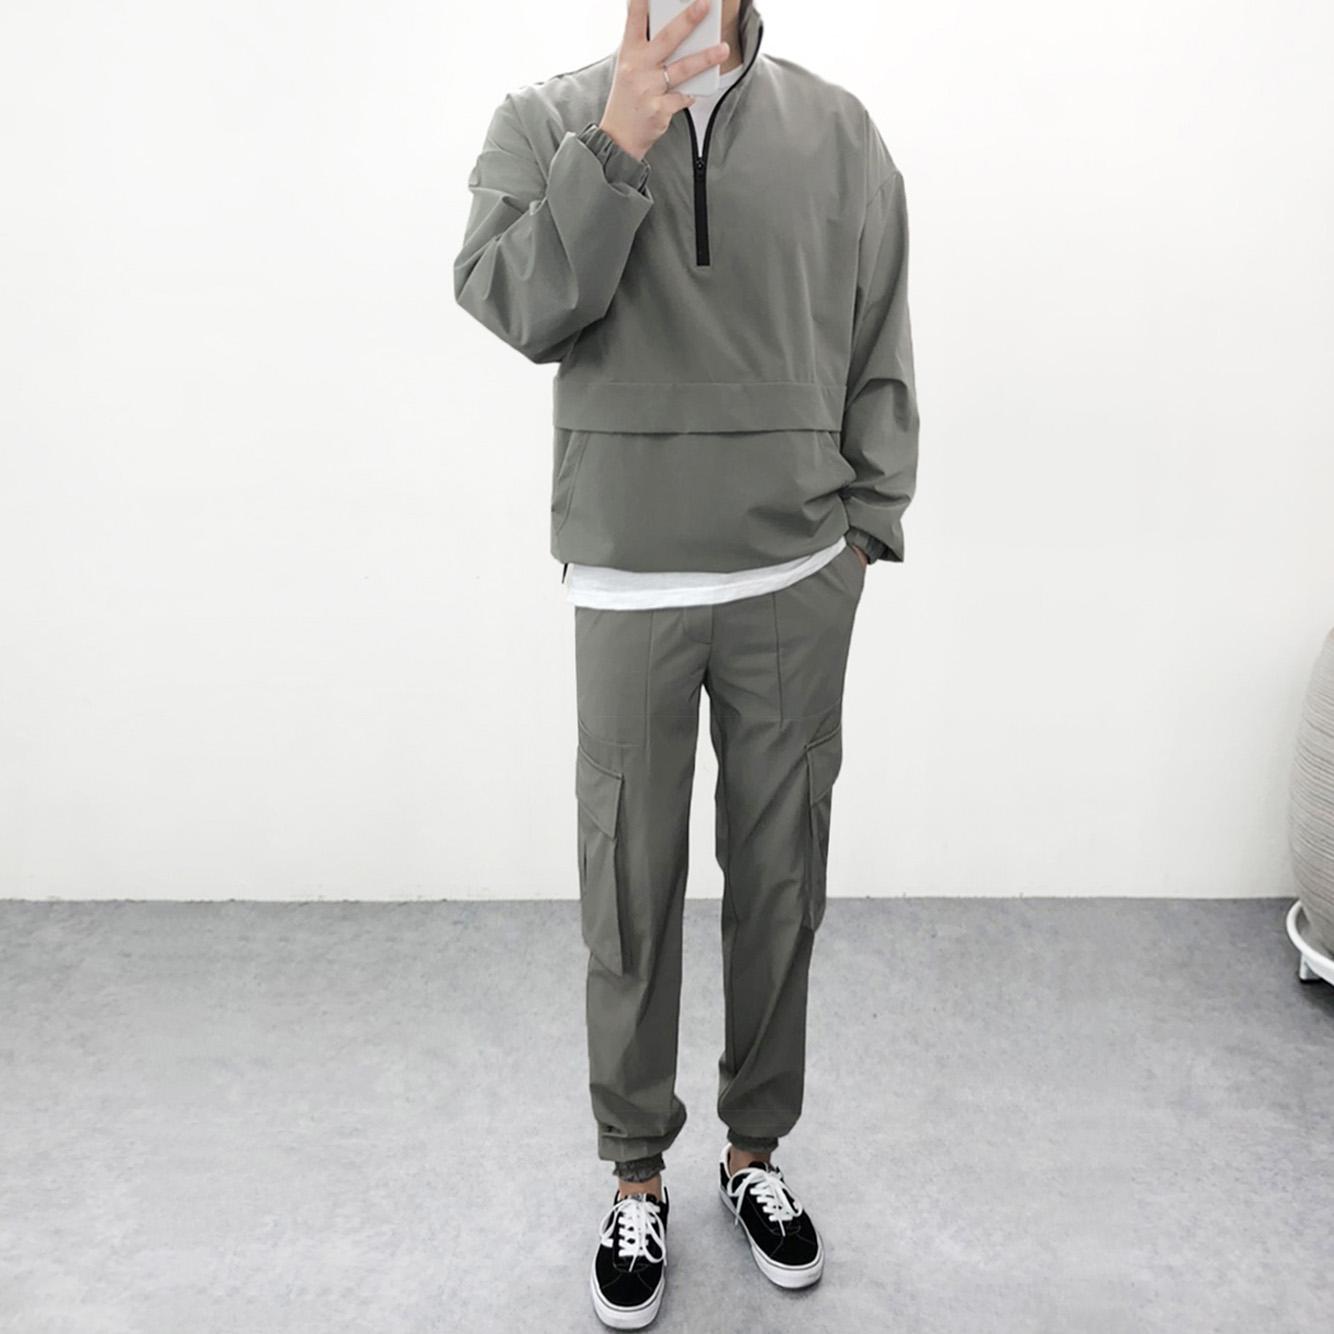 엠클로 남자 오버핏 스판 메쉬 반집업 아노락 맨투맨점퍼 카고조거팬츠 바람막이 세트 2컬러